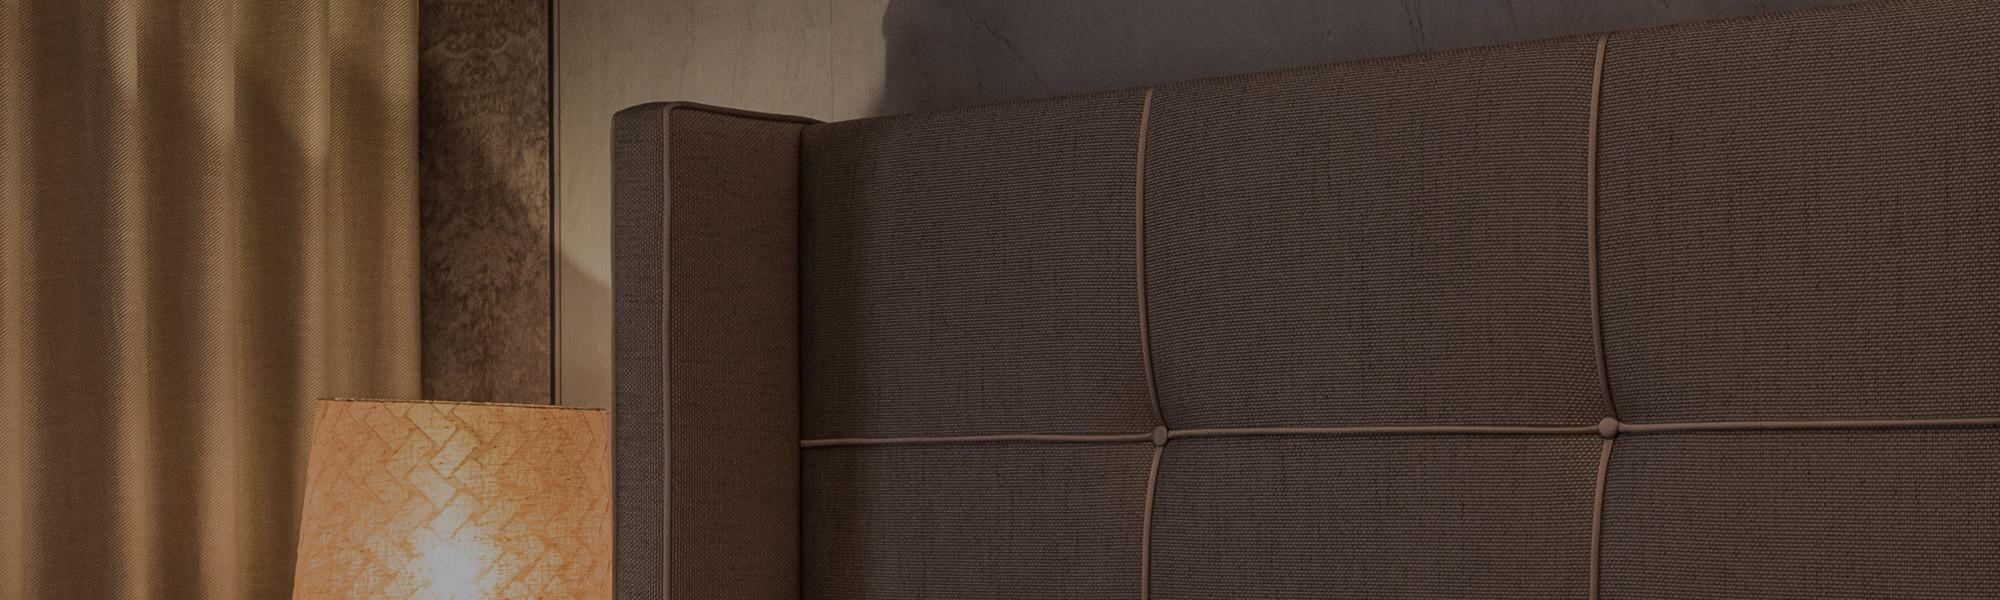 extras e opções Extras e Opções colunex cozy headboards 1